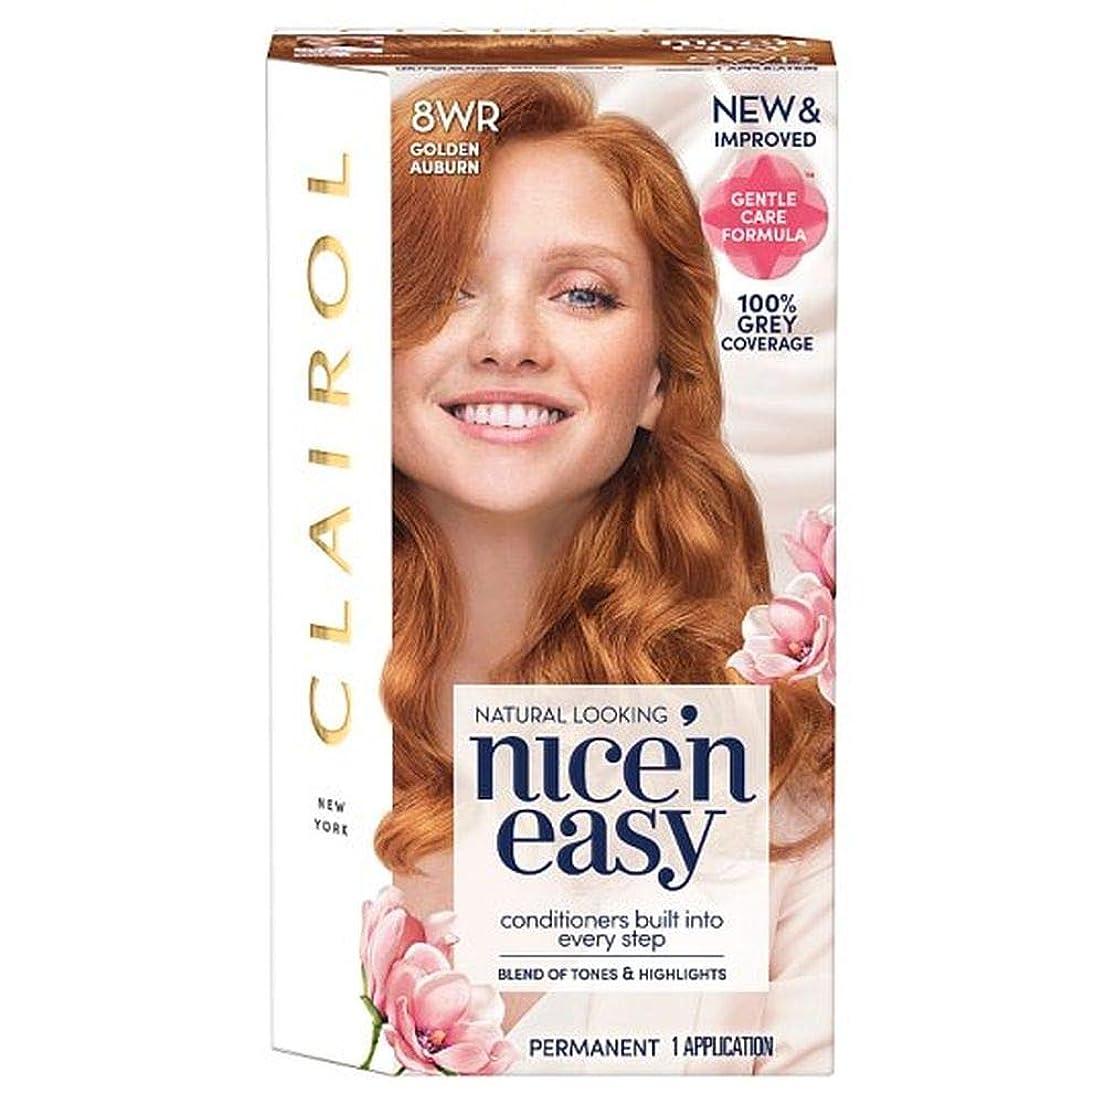 裁判官有名輸血[Nice'n Easy] クレイロール素敵な「N簡単黄金赤褐色8Wr染毛剤 - Clairol Nice 'N Easy Golden Auburn 8Wr Hair Dye [並行輸入品]